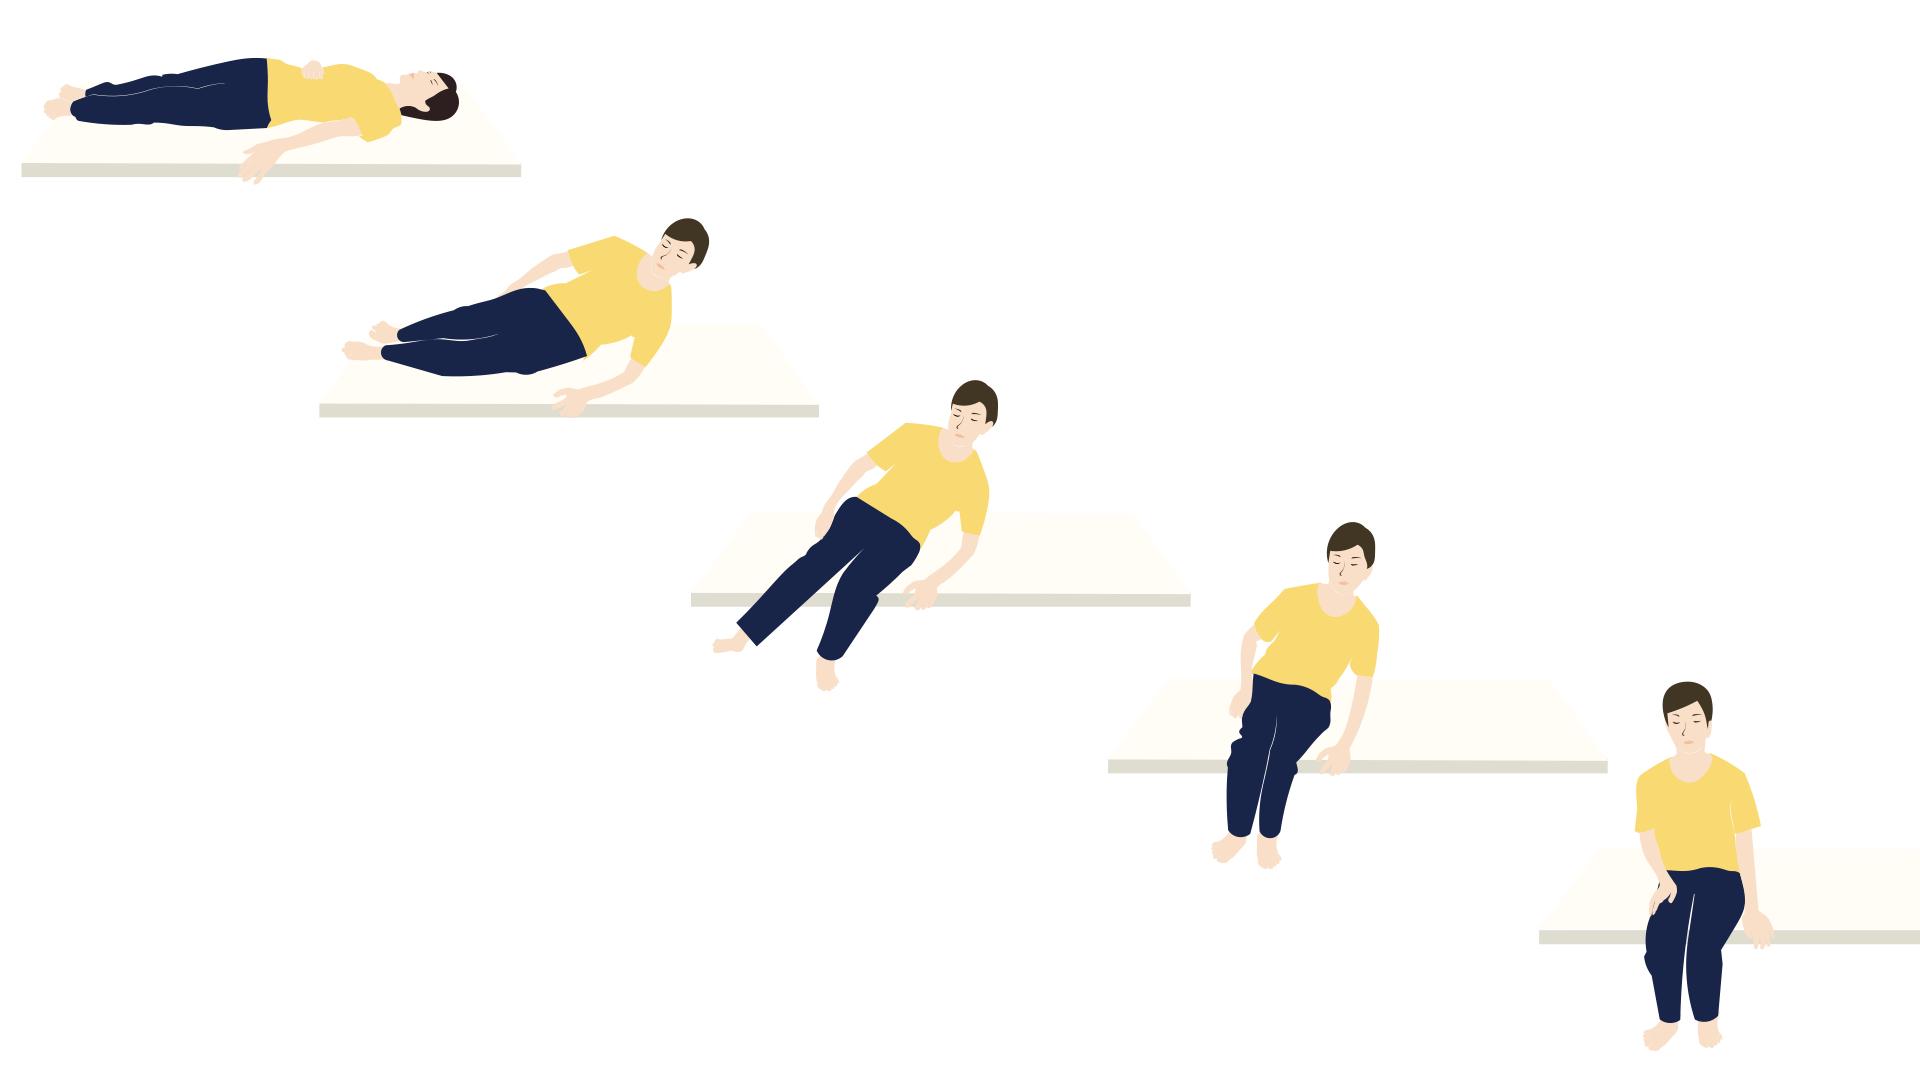 起き上がり動作について